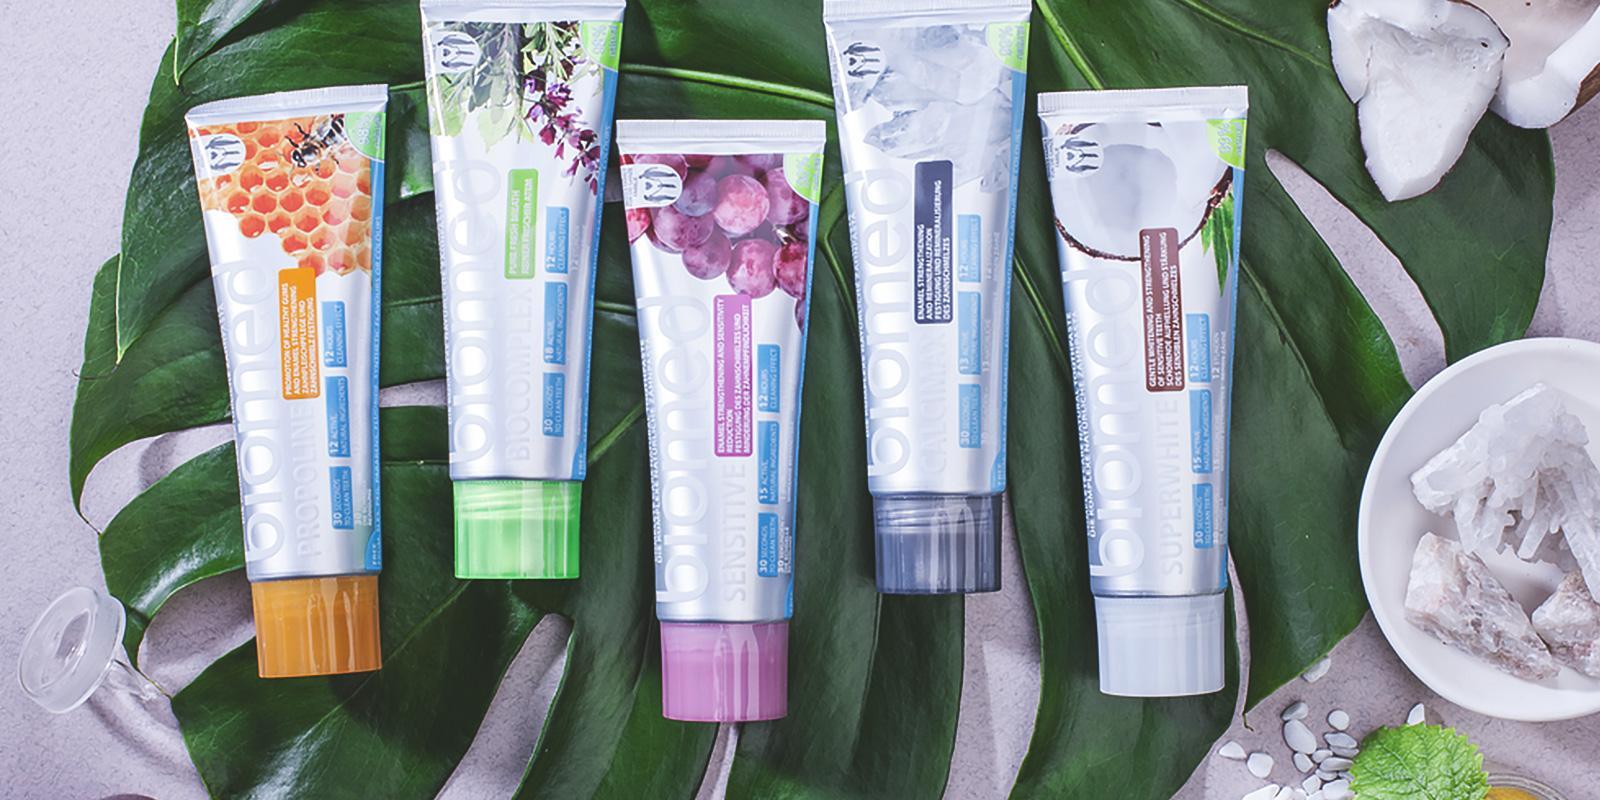 Pčírodní zubní pasty Biomed ležící na listu